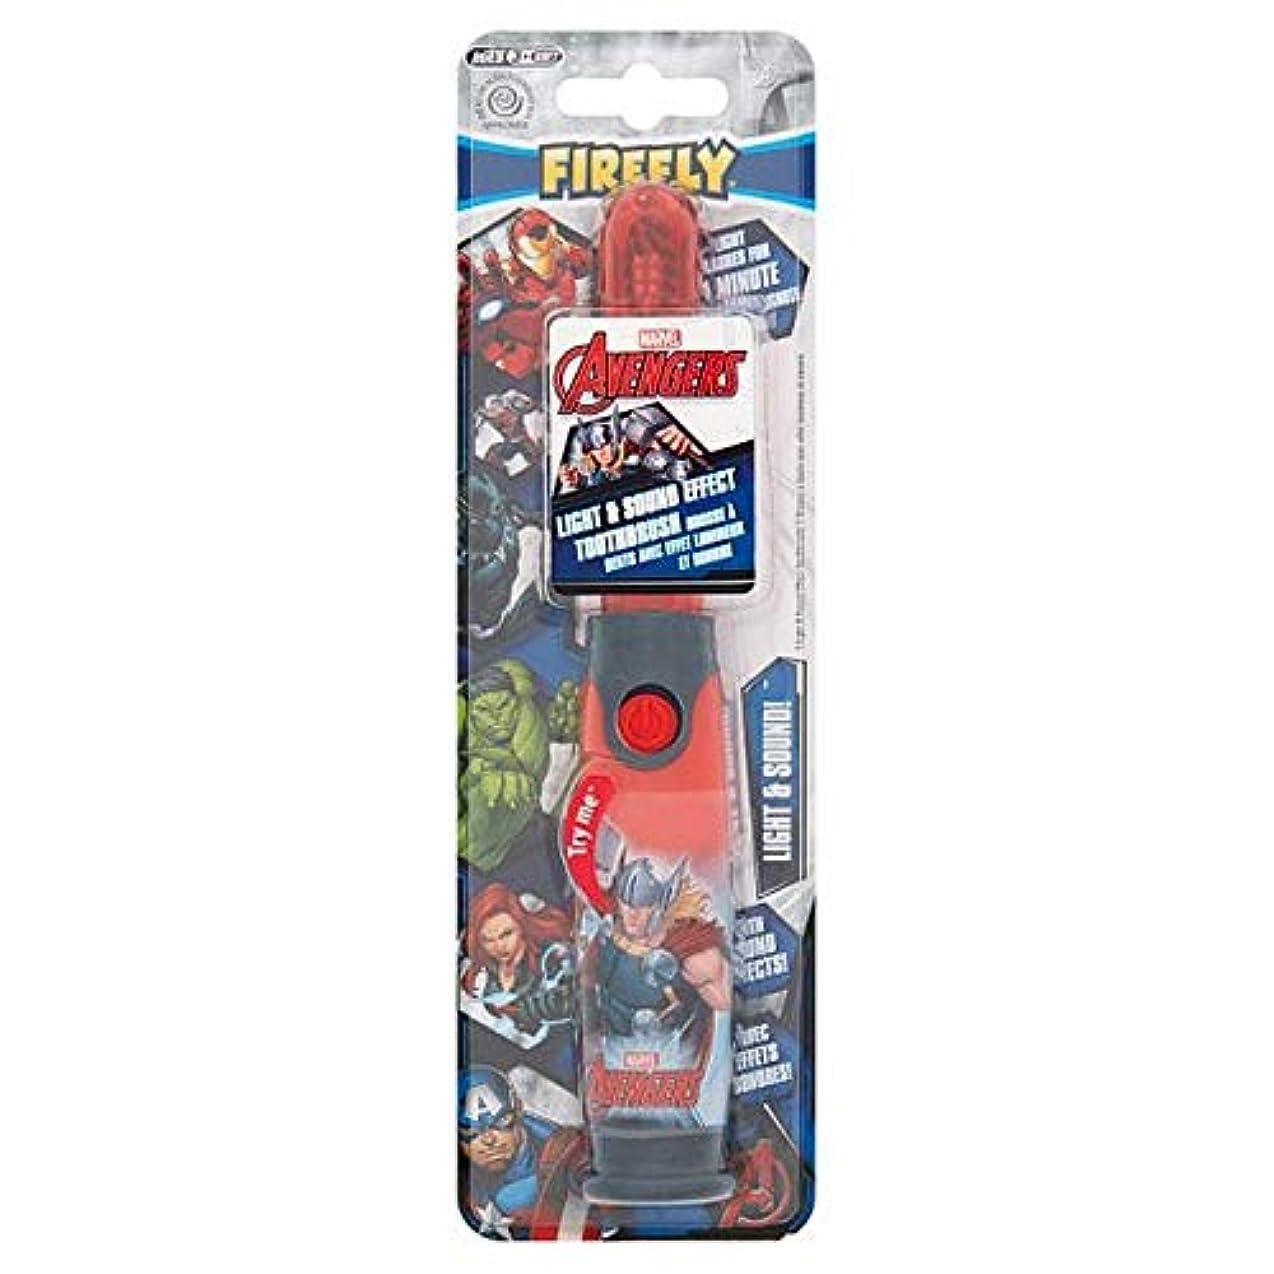 ミュート大声で強調[Firefly ] アベンジャーズホタルの光と音の歯ブラシ - Avengers Firefly Light And Sound Toothbrush [並行輸入品]